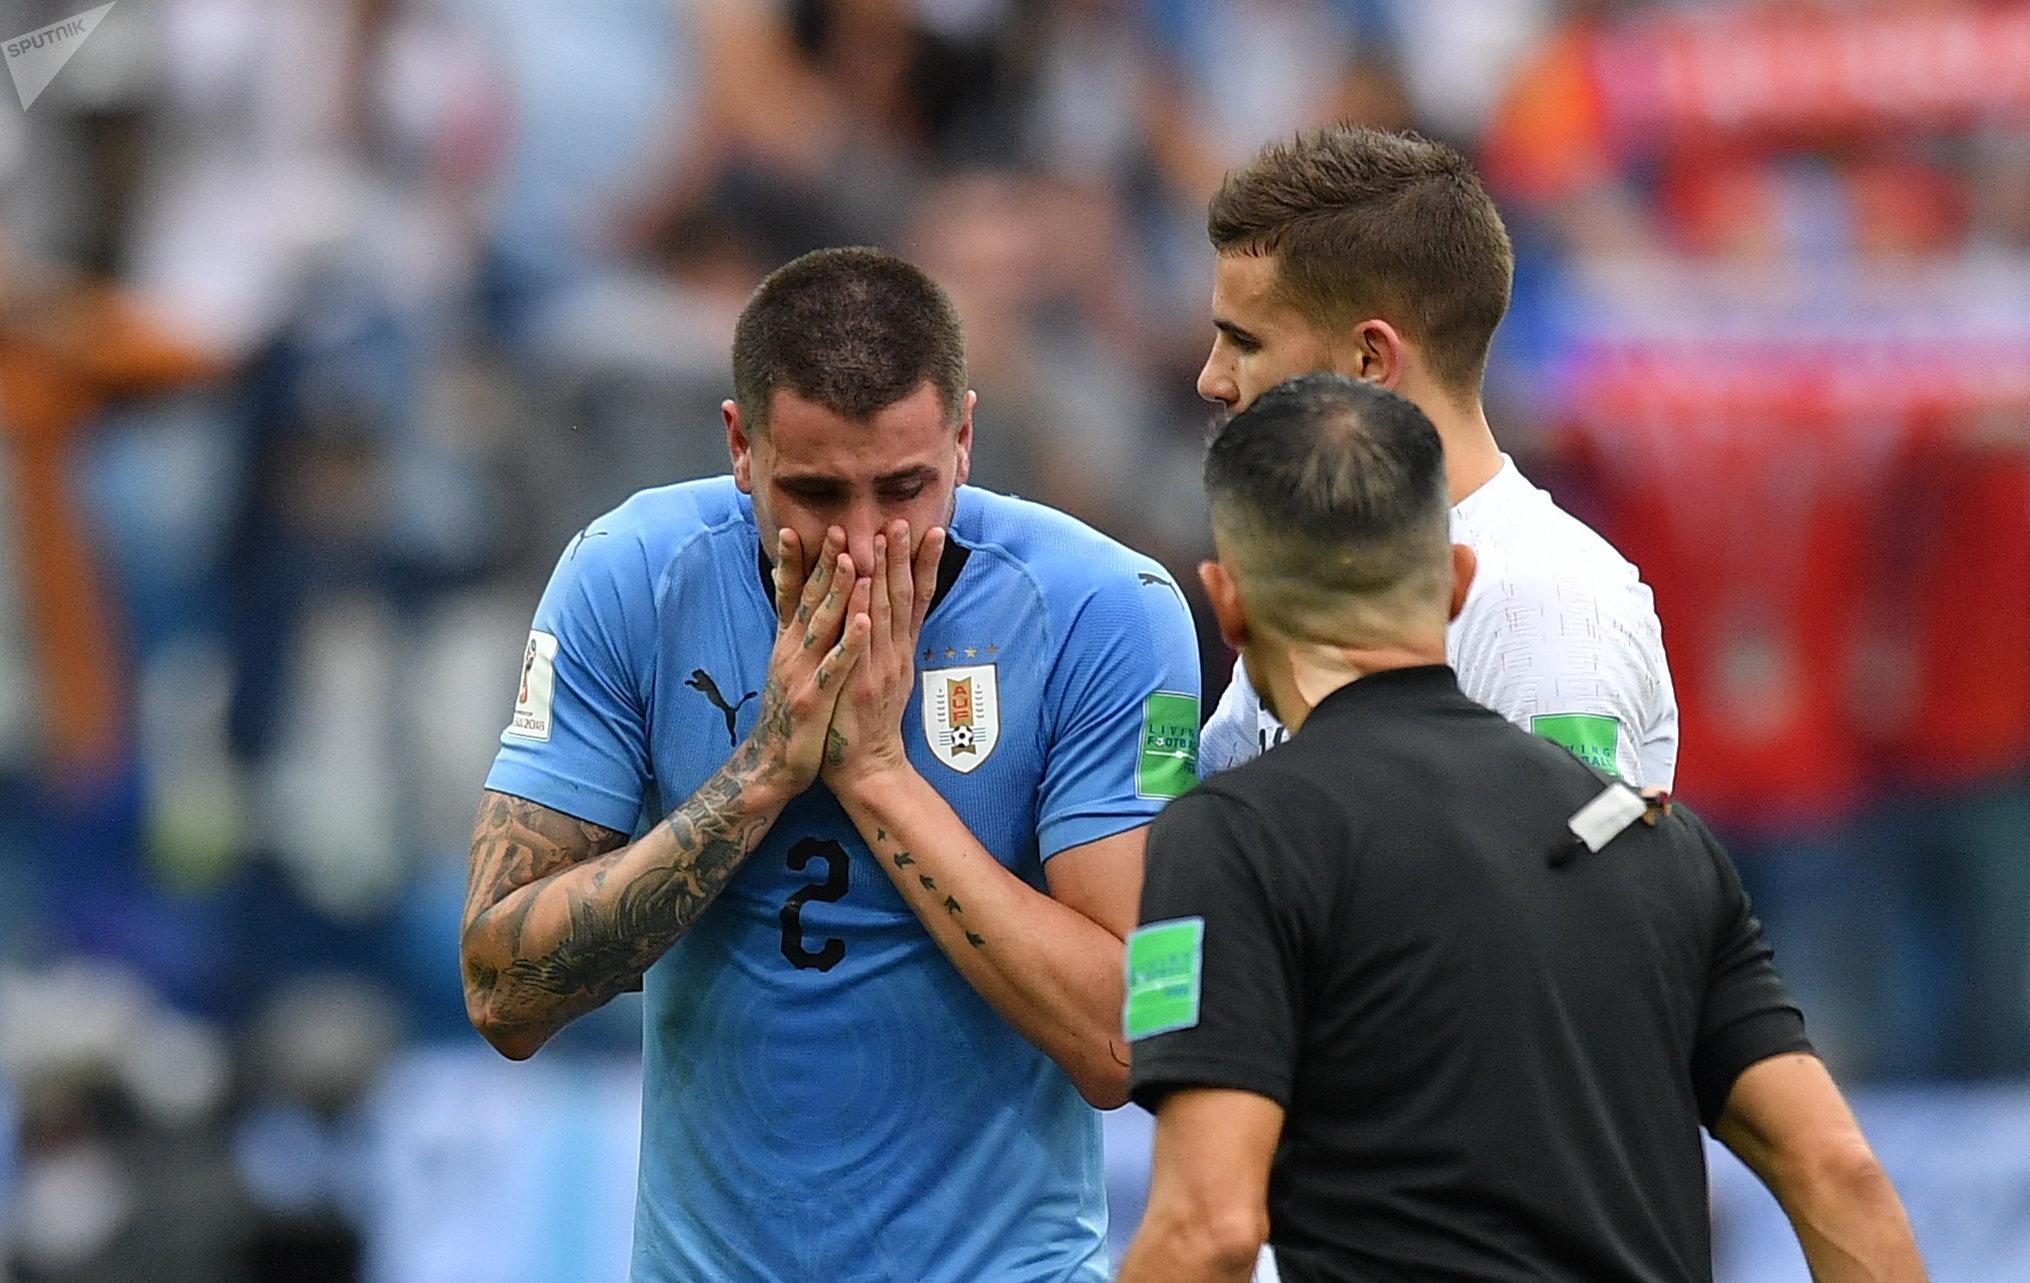 José María Giménez, jugador de Uruguay y compañero de Griezmann en el Atlético Madrid, llora debido a la derrota uruguaya contra Francia